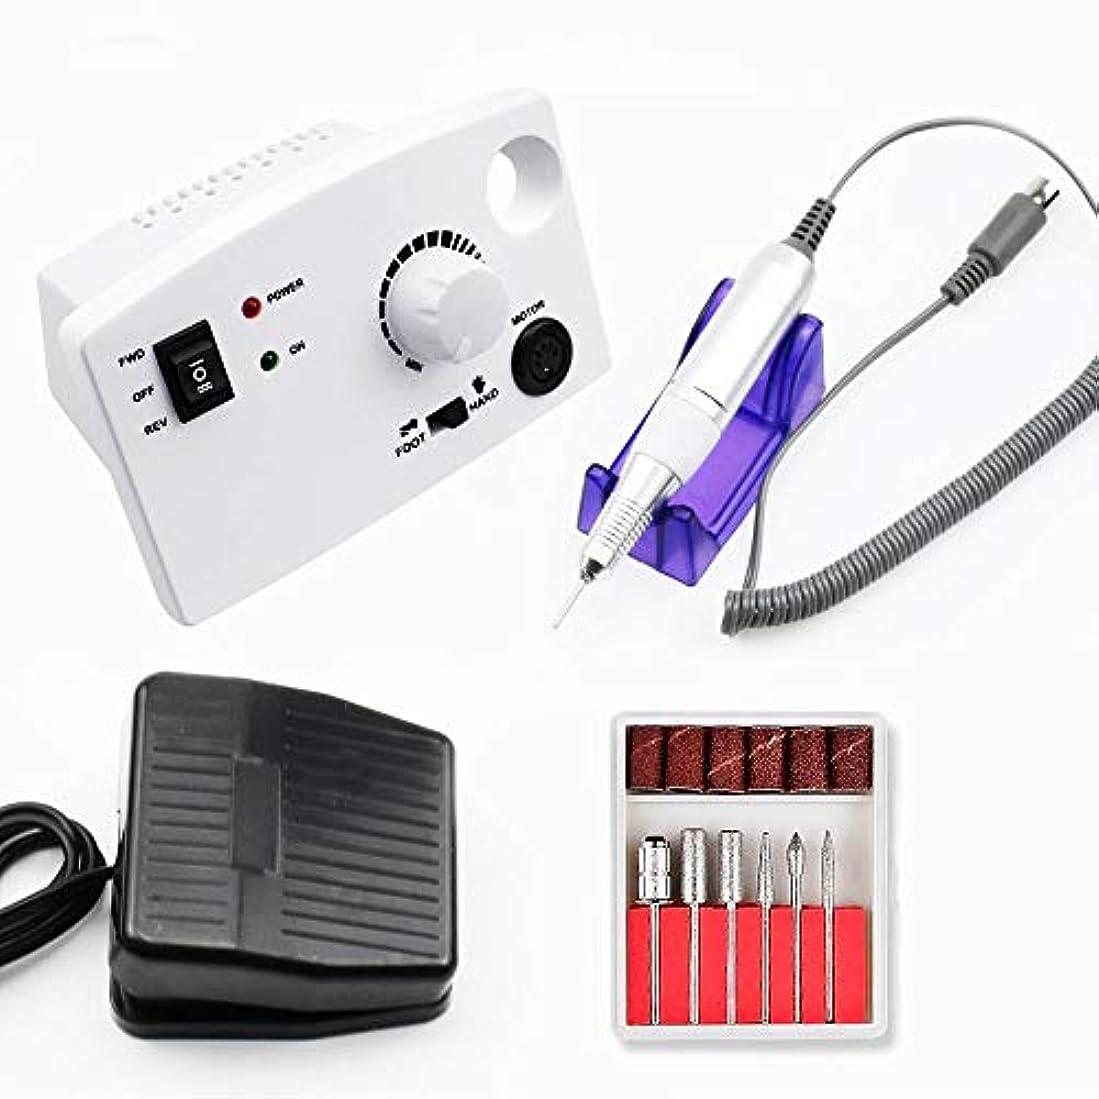 電動ネイルドリルマニキュア機セット300-35000 rpm 15ワットプロダイヤモンドネイルカッター器具用マシンネイルドリルポリッシャーツール